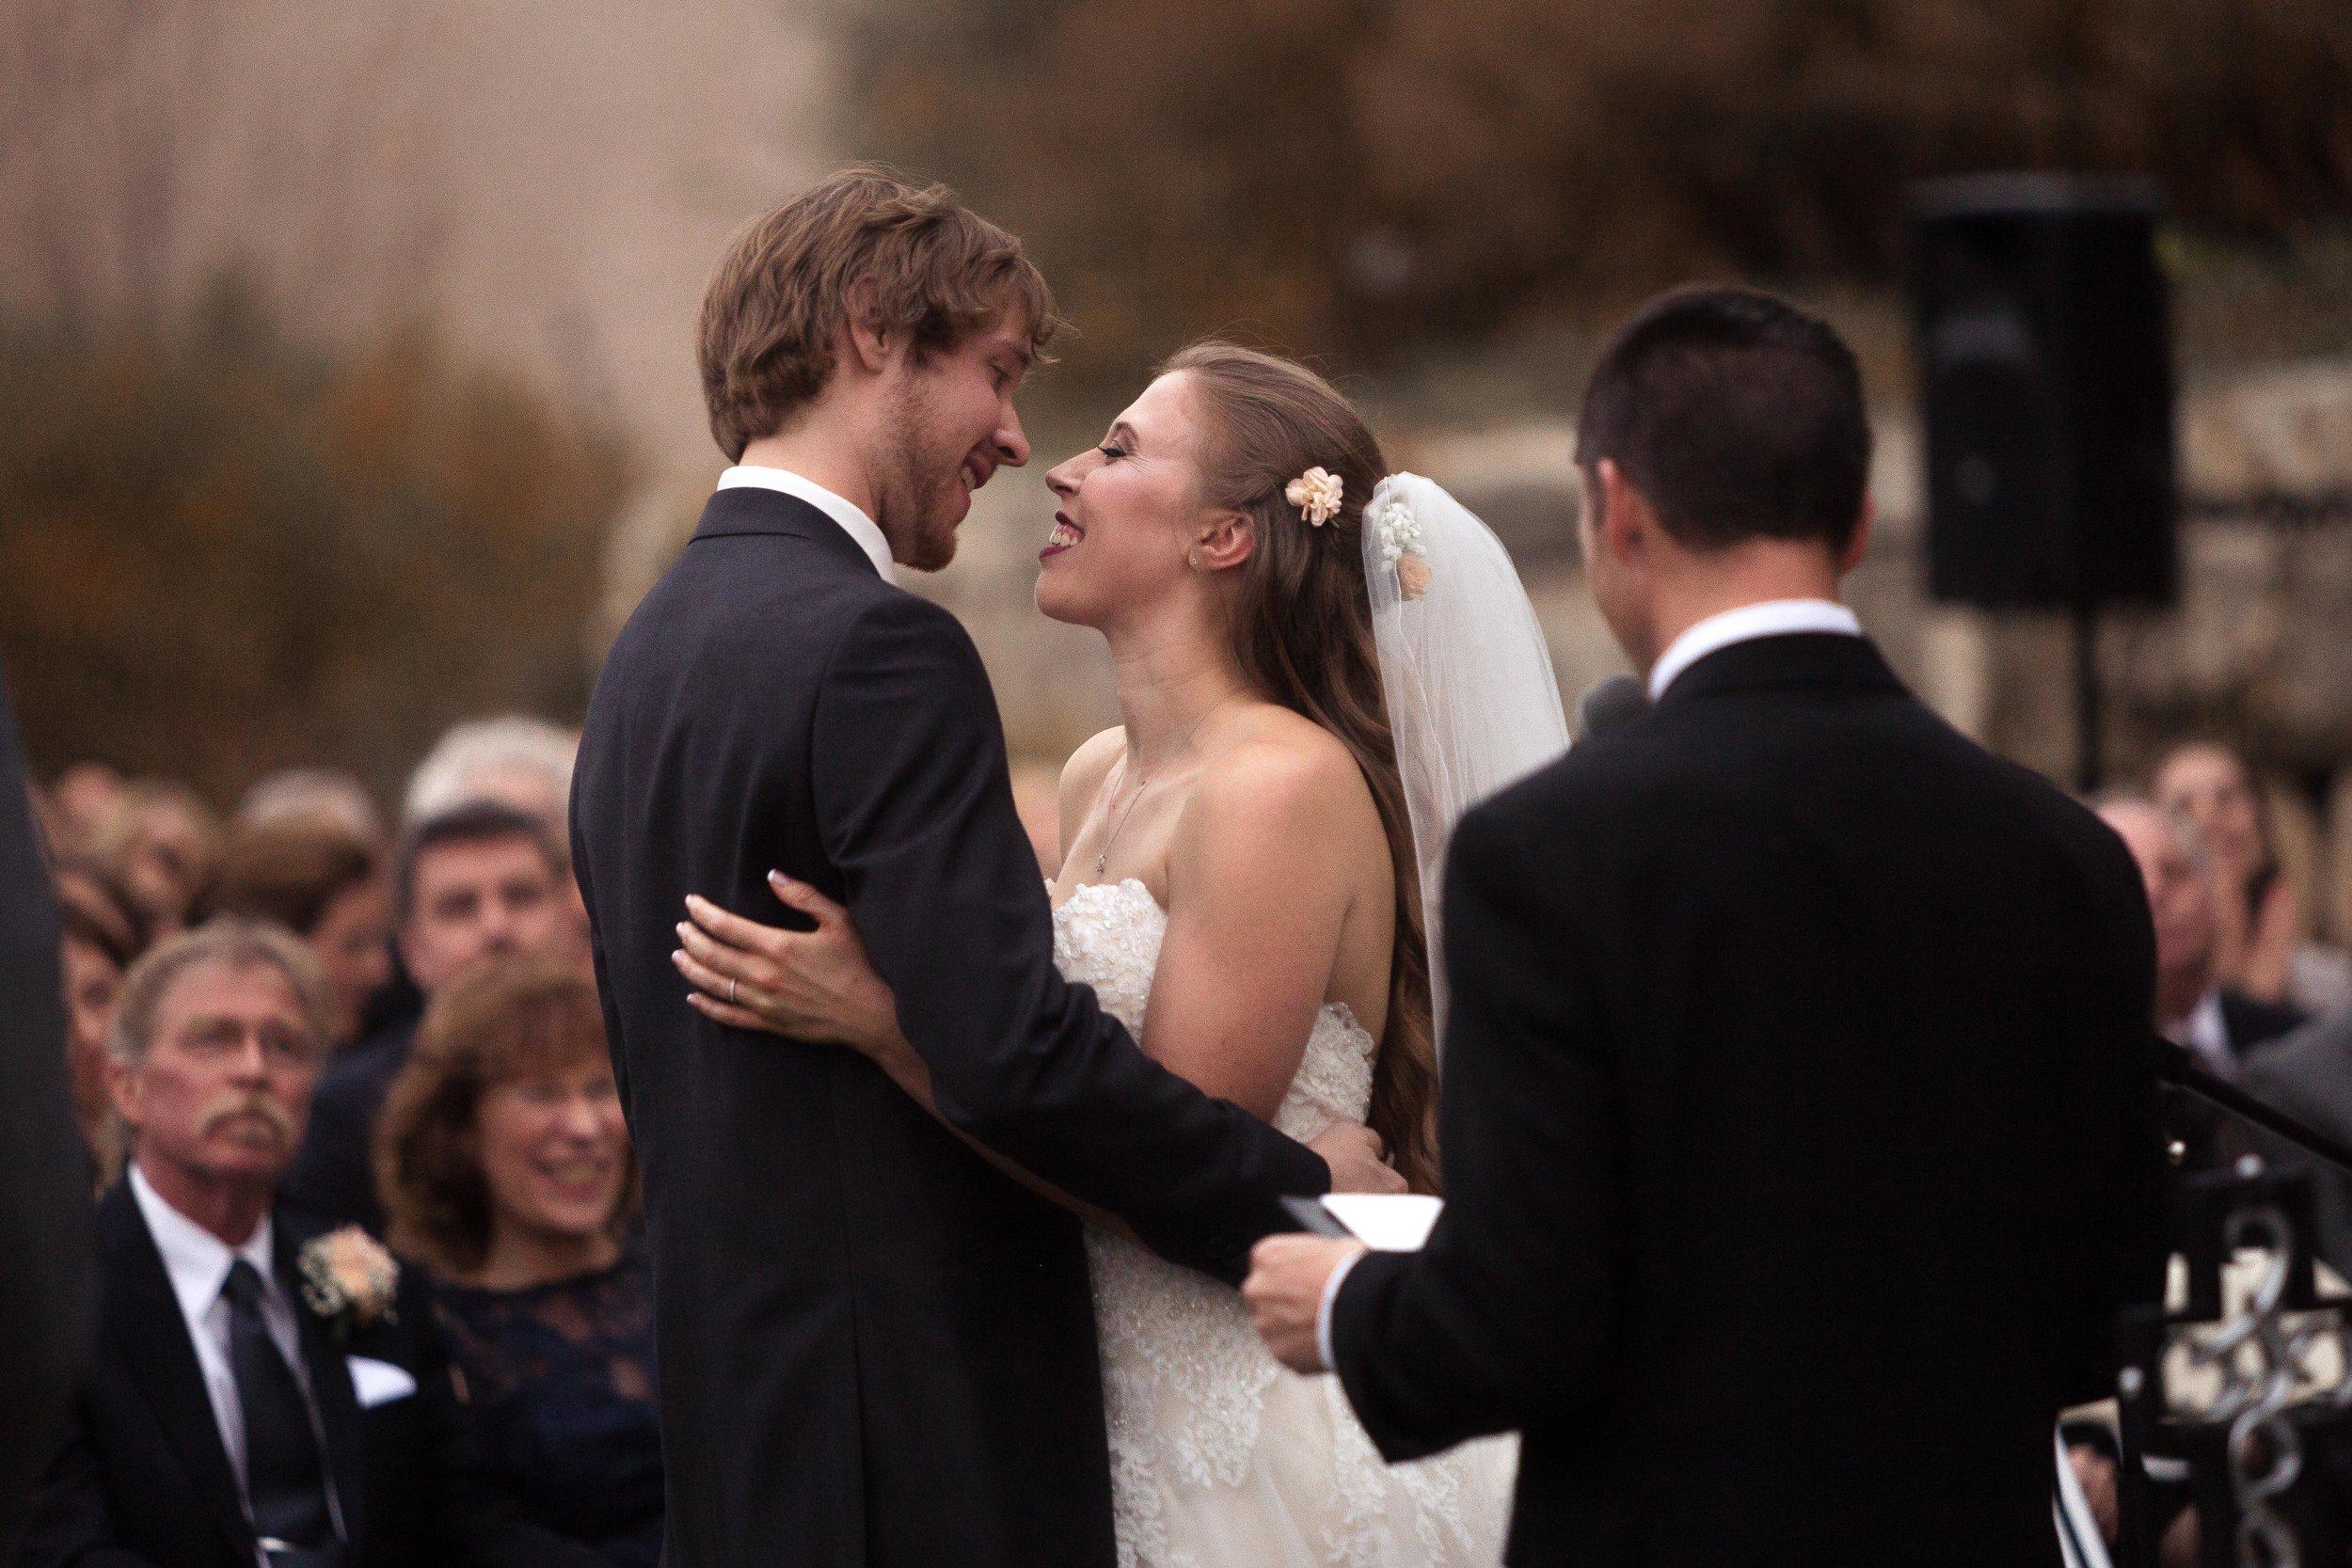 C_Wedding_Spellman, Megan & Tyler_10.27.18-1642.JPG